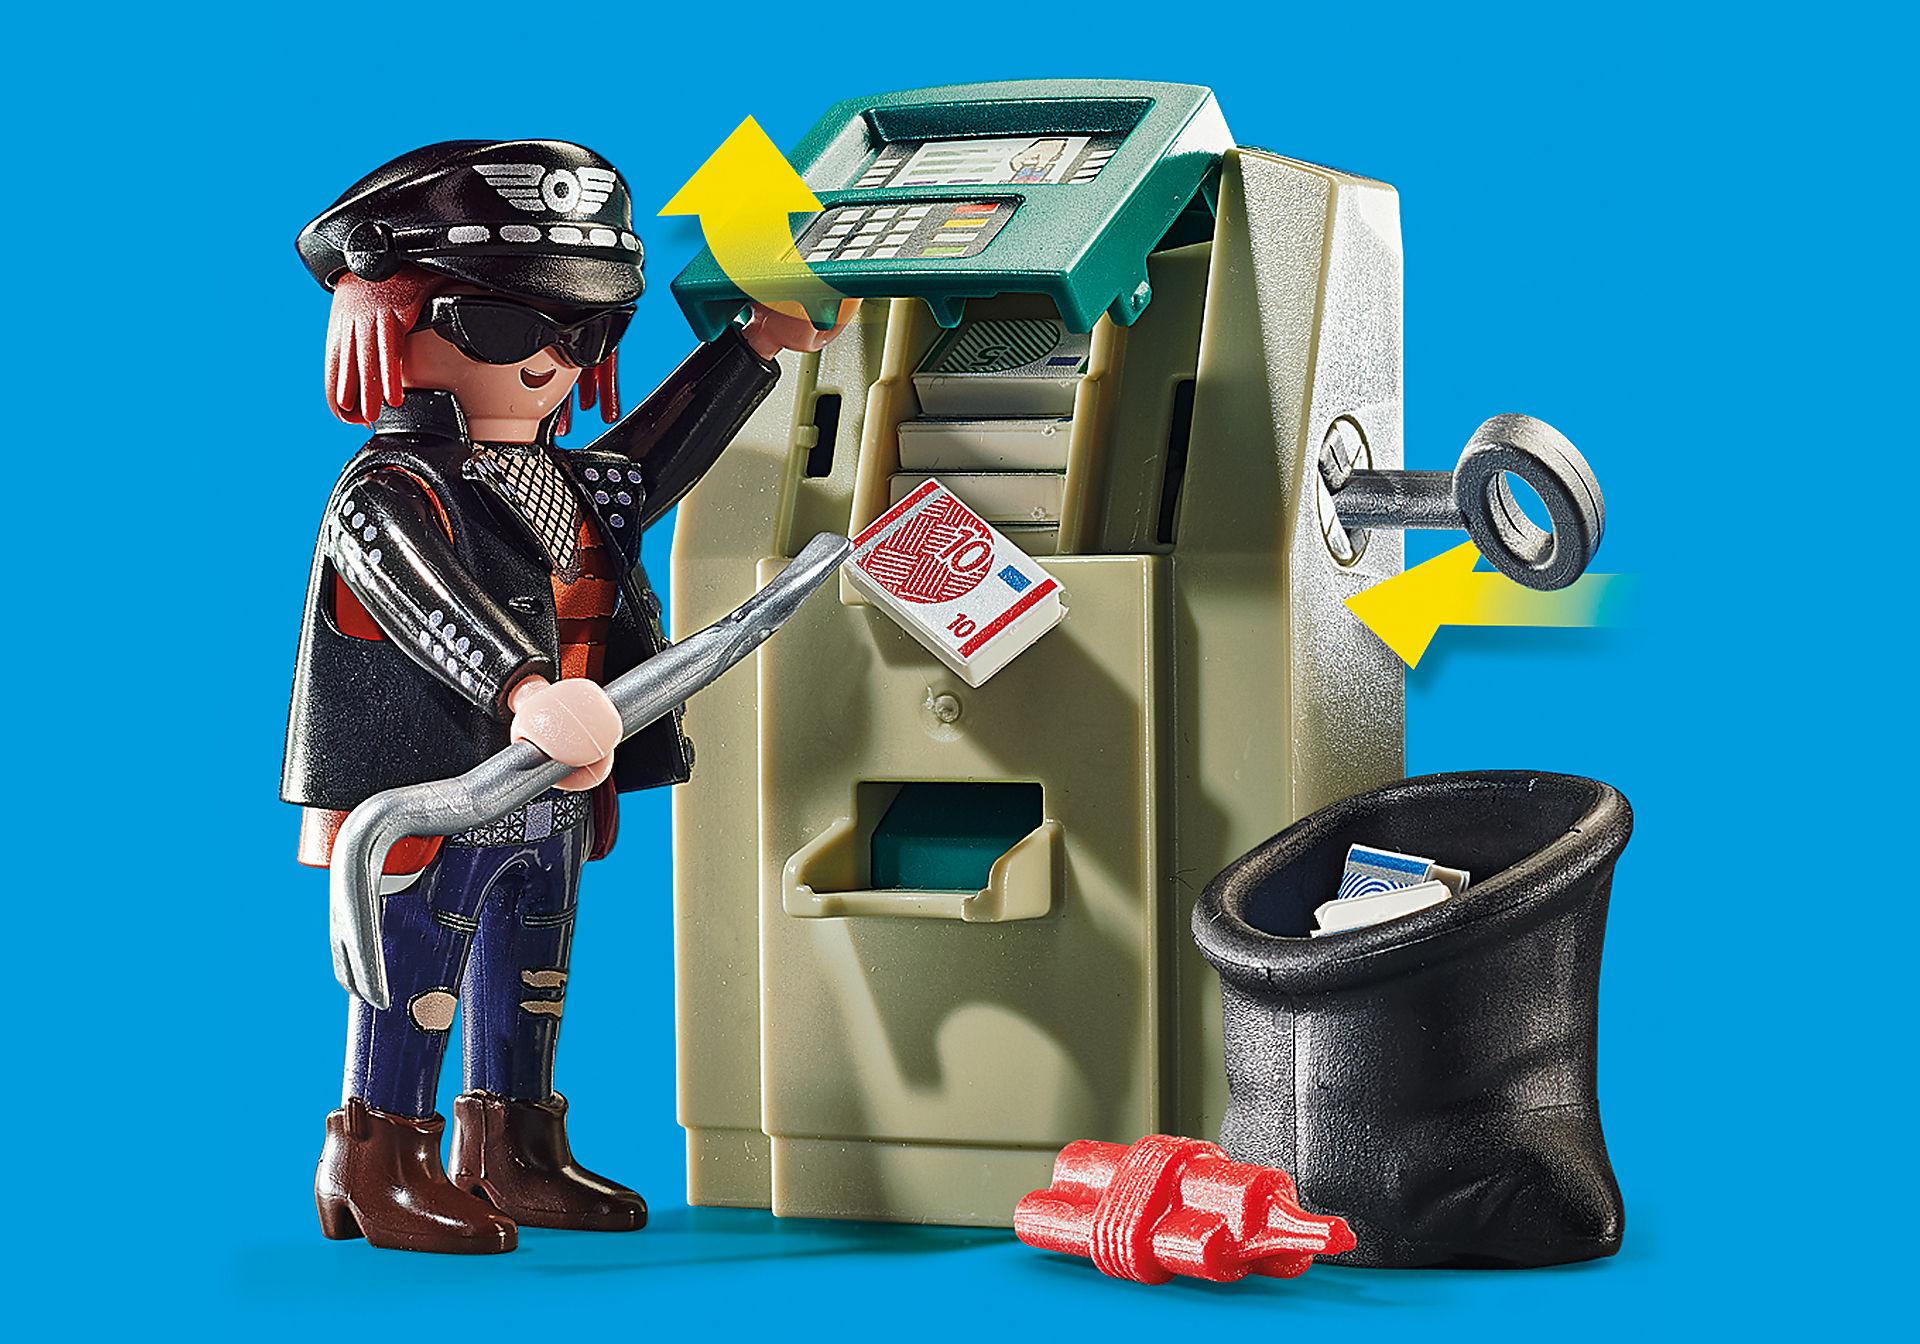 70572 Poliisimoottoripyörä: Raharyöstäjän takaa-ajo zoom image4